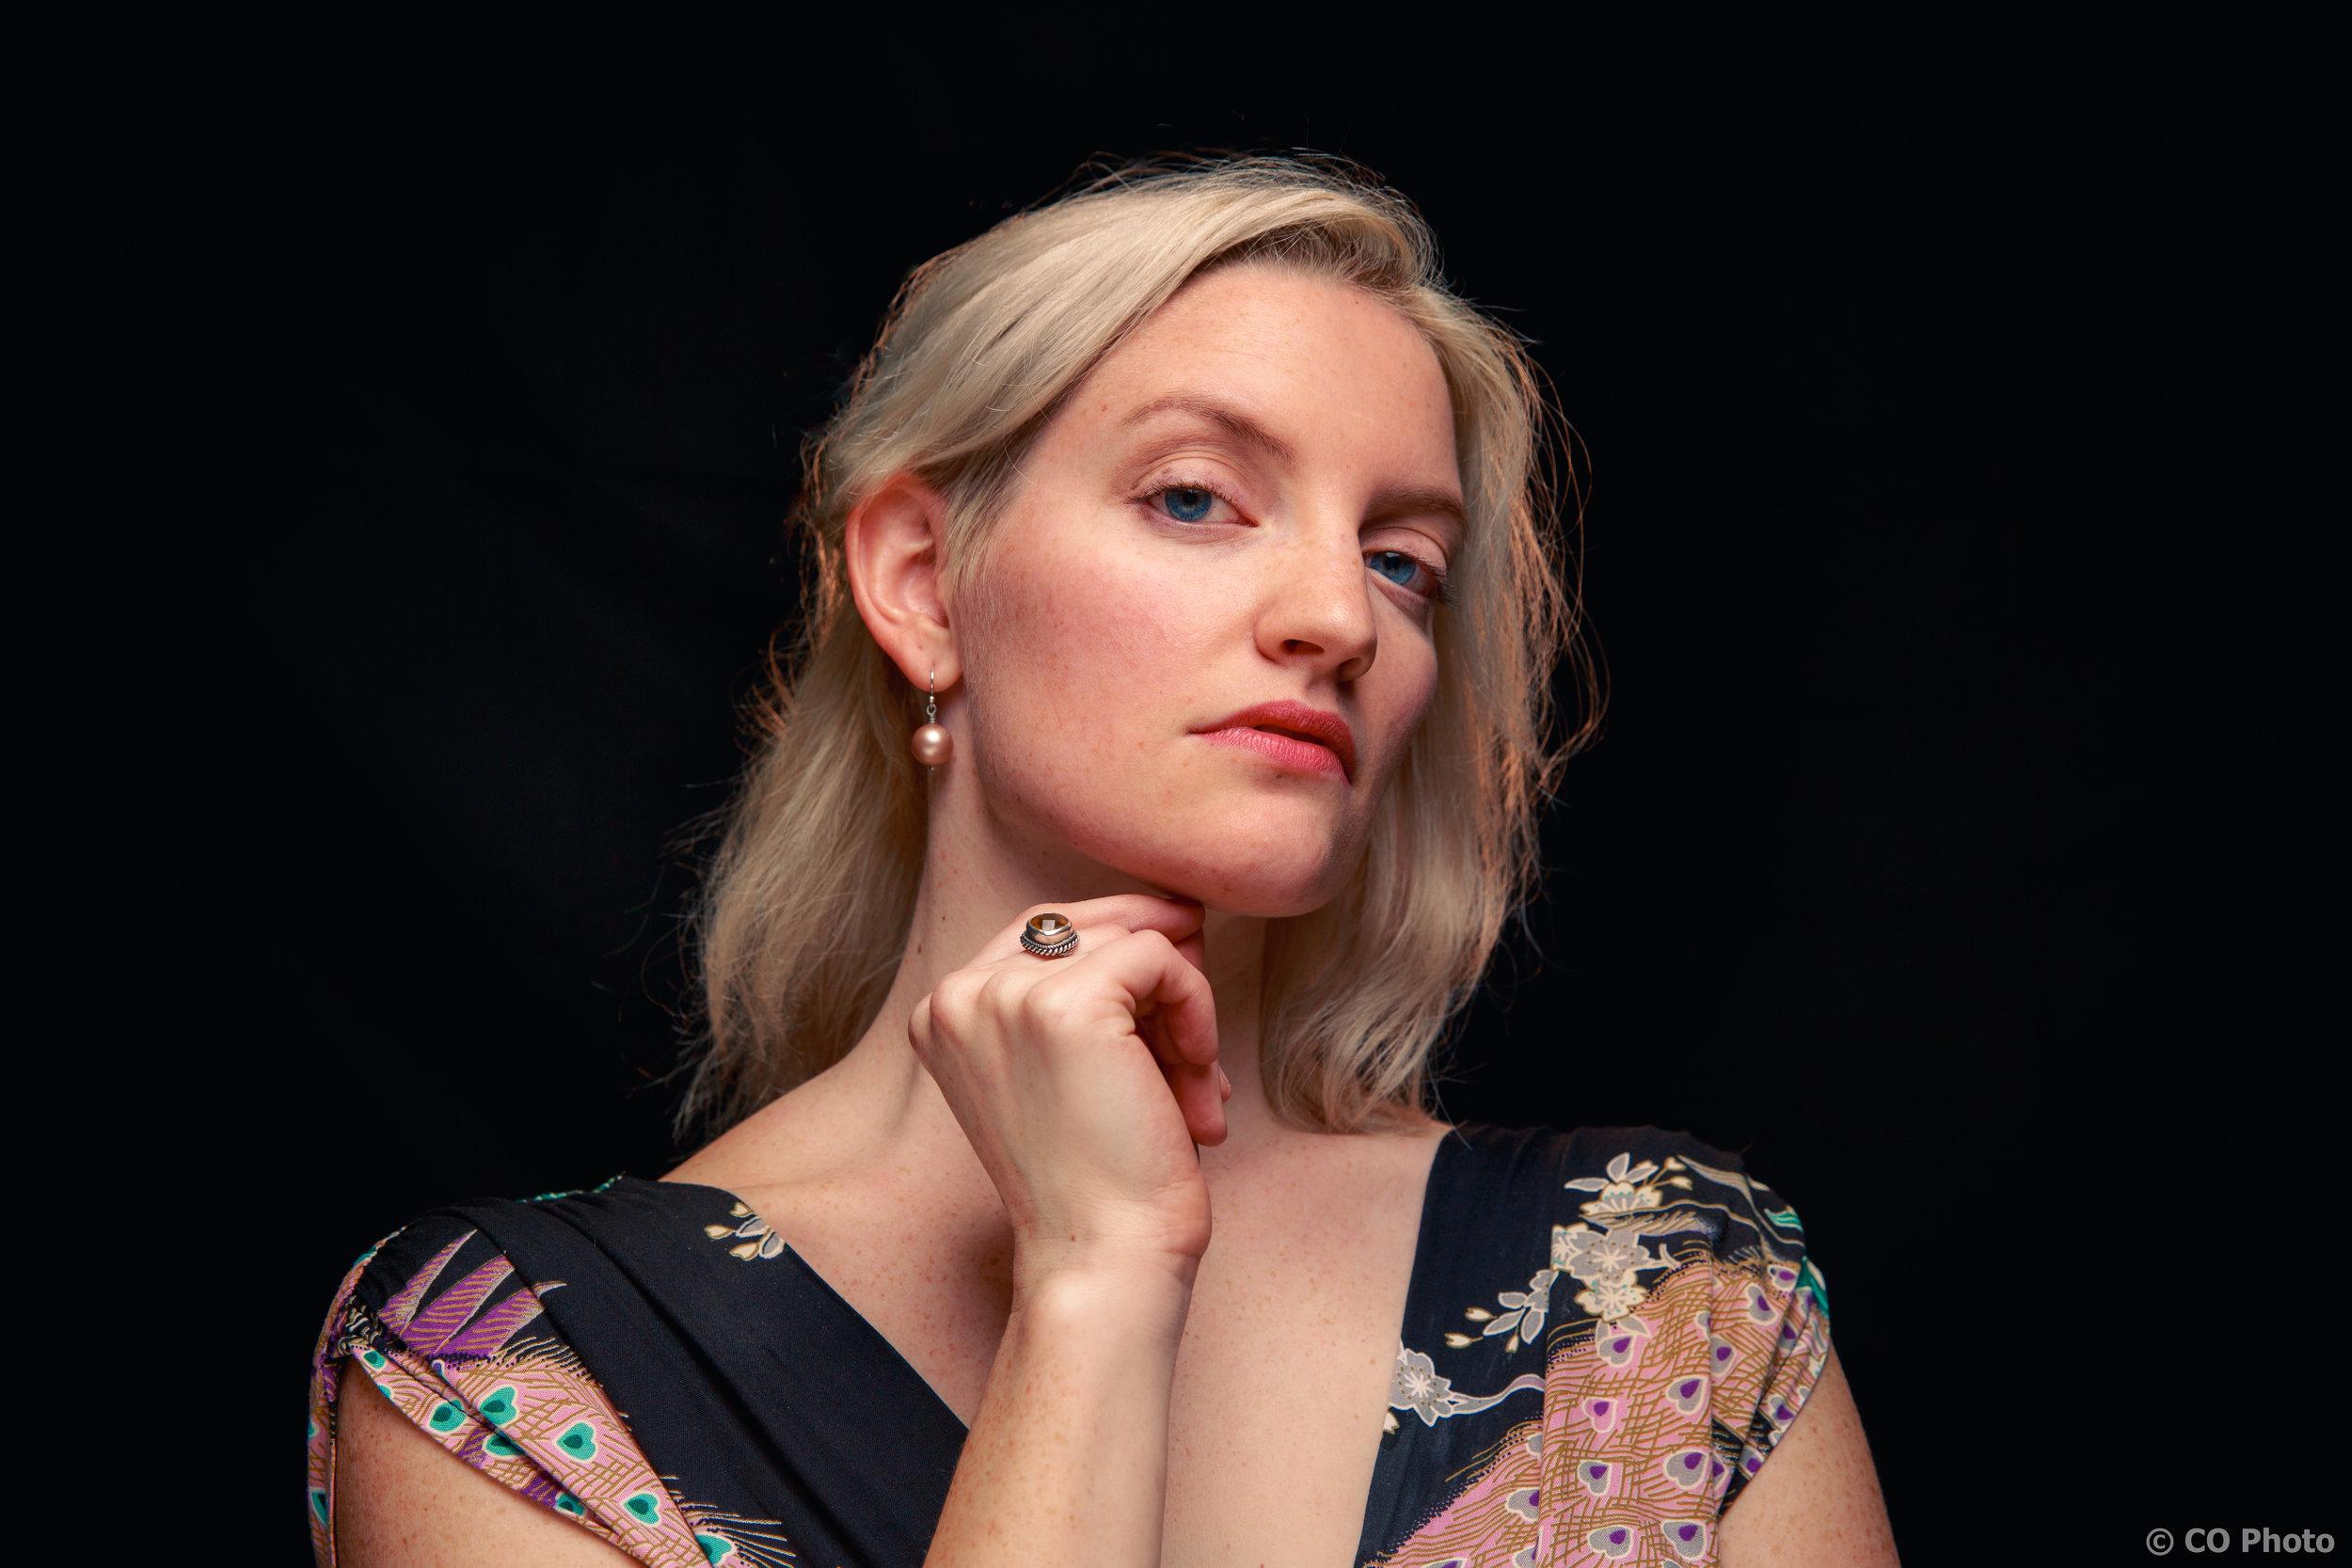 Model: Lauren Schumacher